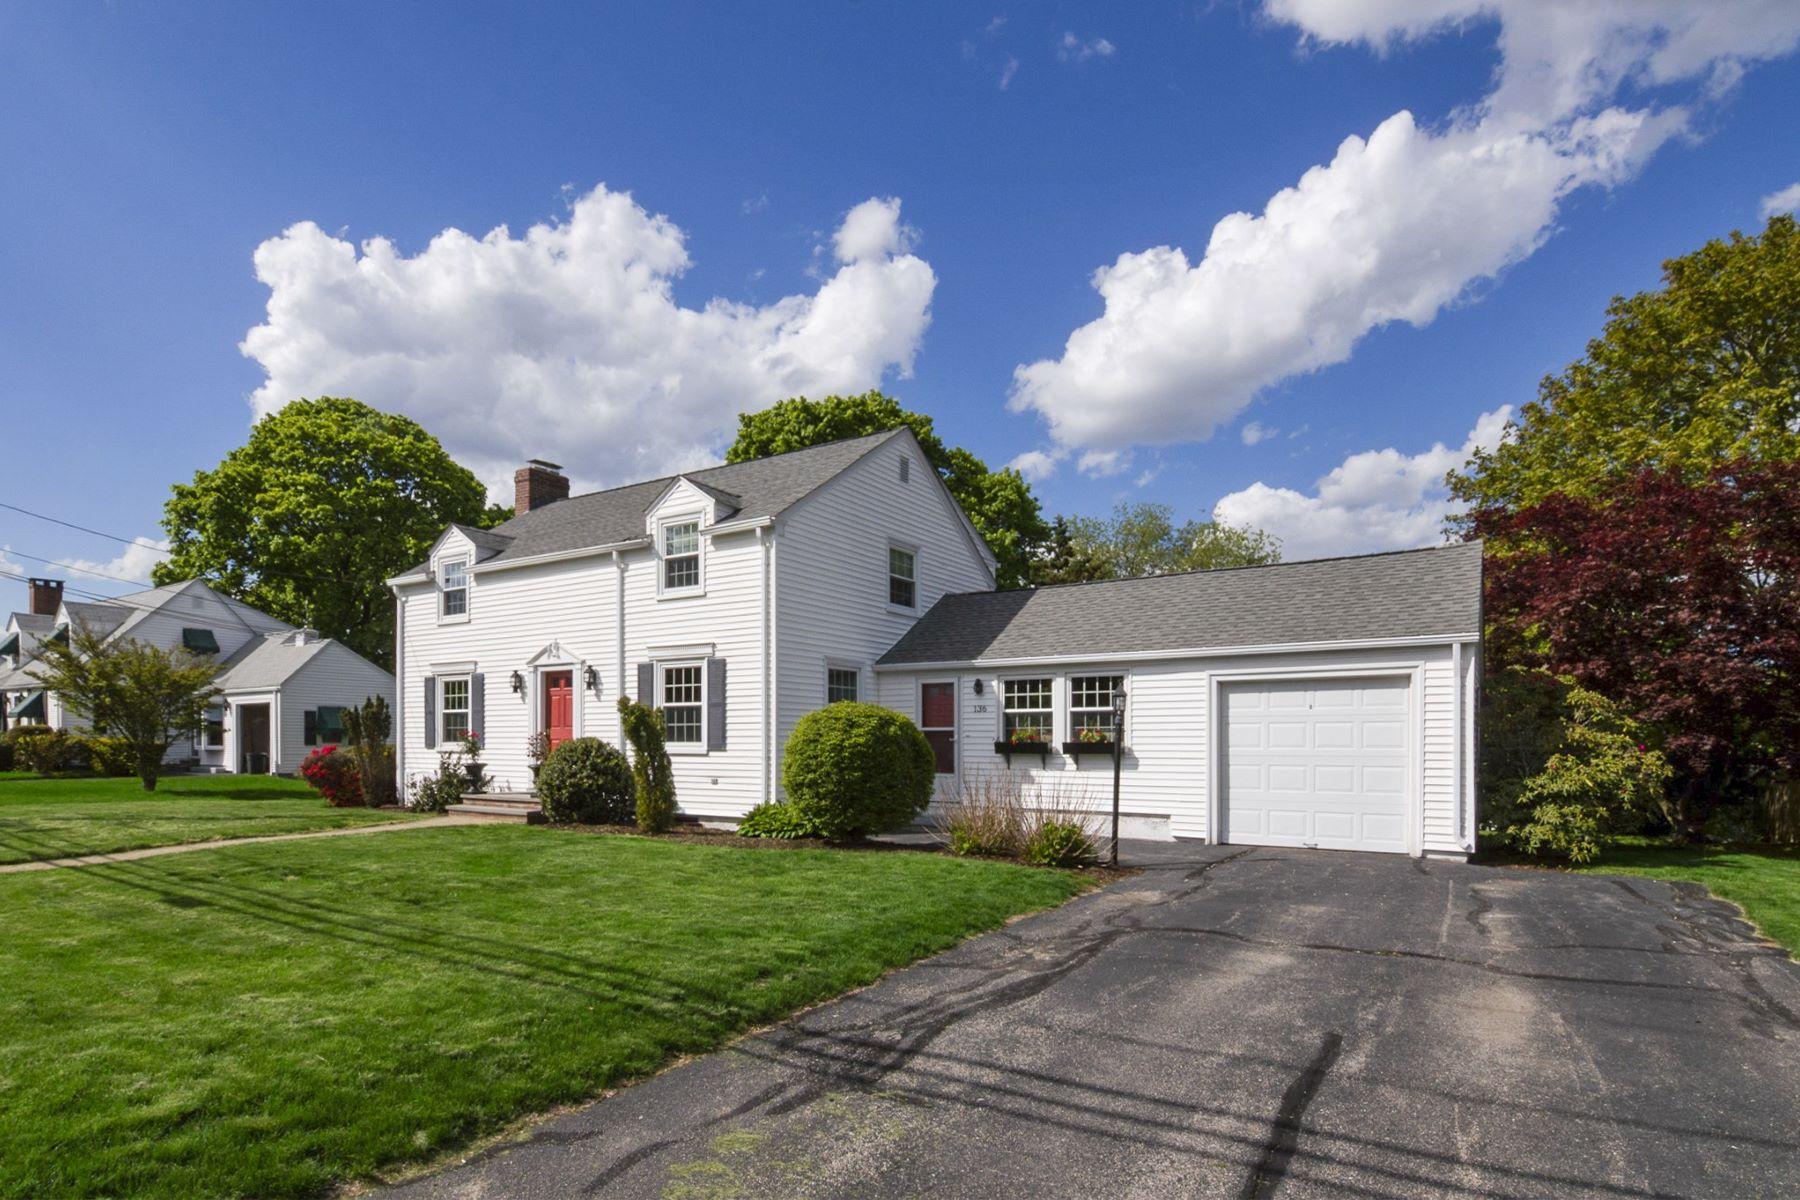 single family homes voor Verkoop op 136 Lawnacre Dr, Cranston, RI Cranston, Rhode Island 02920 Verenigde Staten